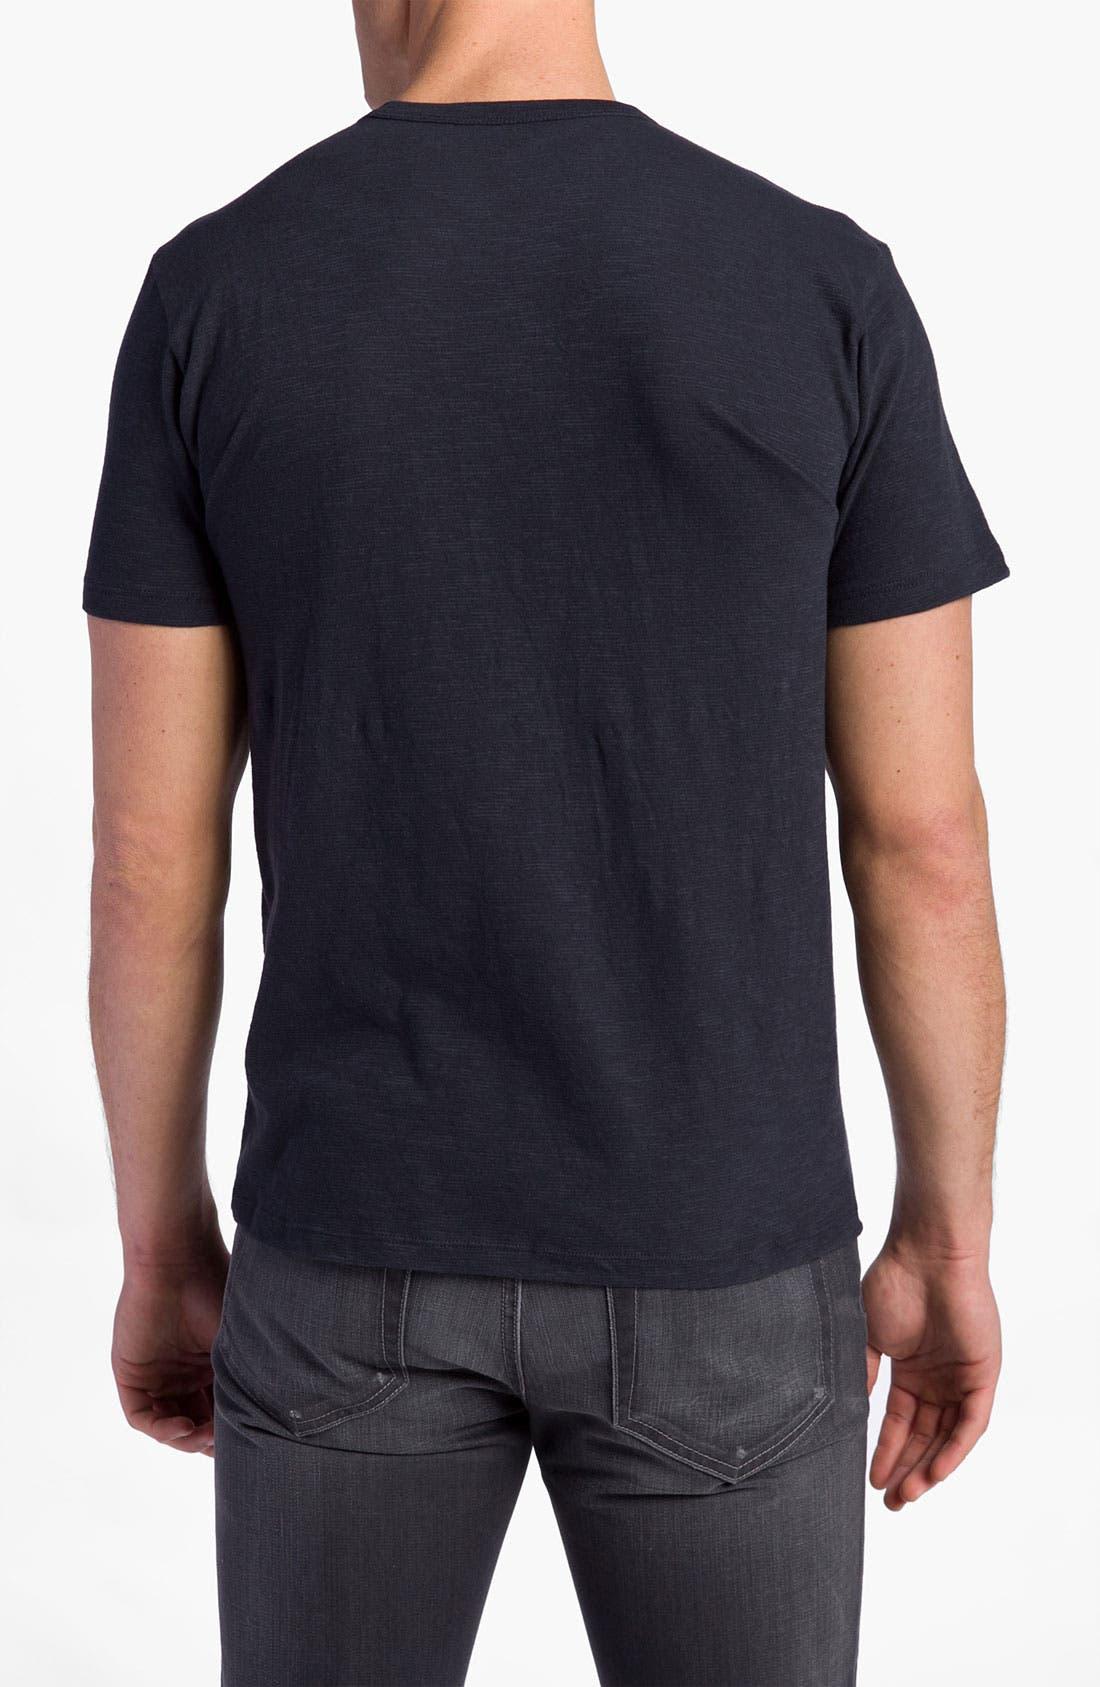 Alternate Image 2  - '47 'St. Louis Cardinals' Regular Fit Crewneck T-Shirt